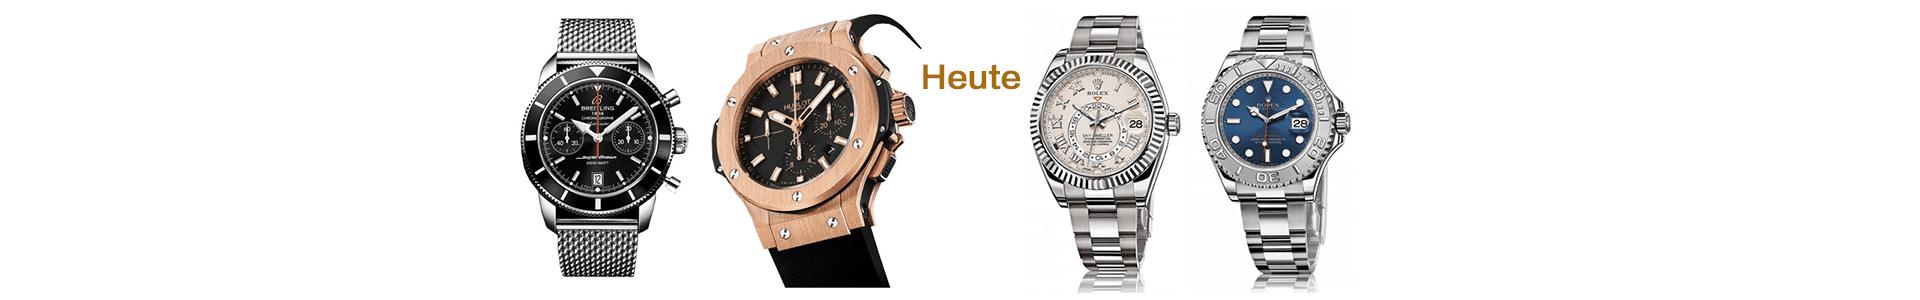 Uhren Ankauf Hublot Rolex